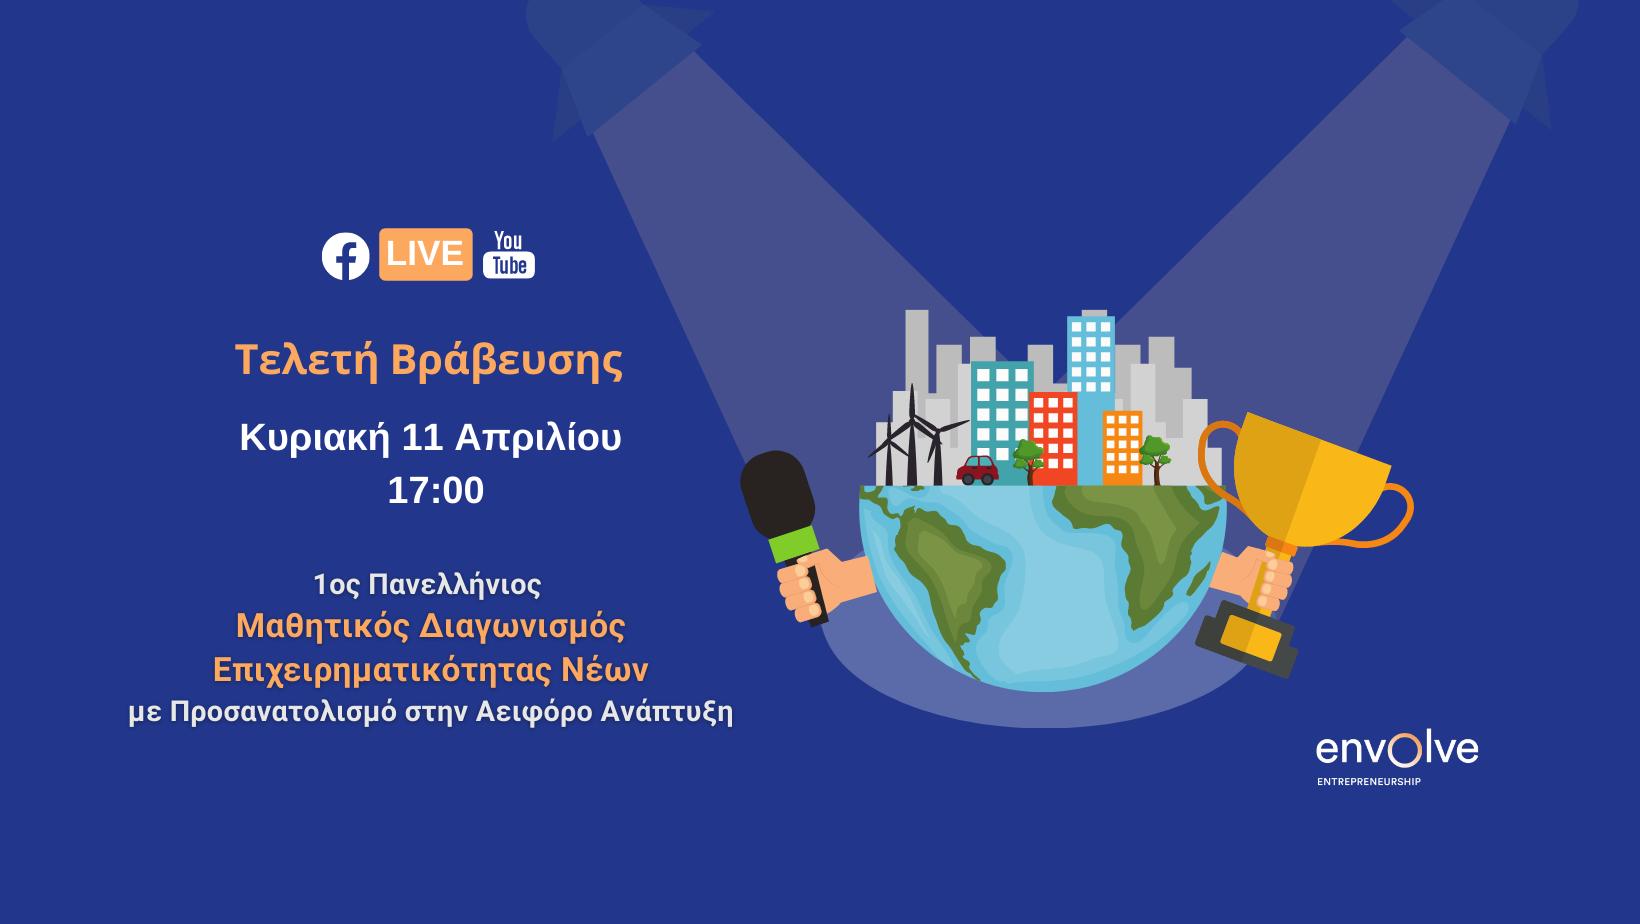 Τελετή Βράβευσης 1ου Πανελλήνιου Μαθητικού Διαγωνισμού Επιχειρηματικότητας Νέων